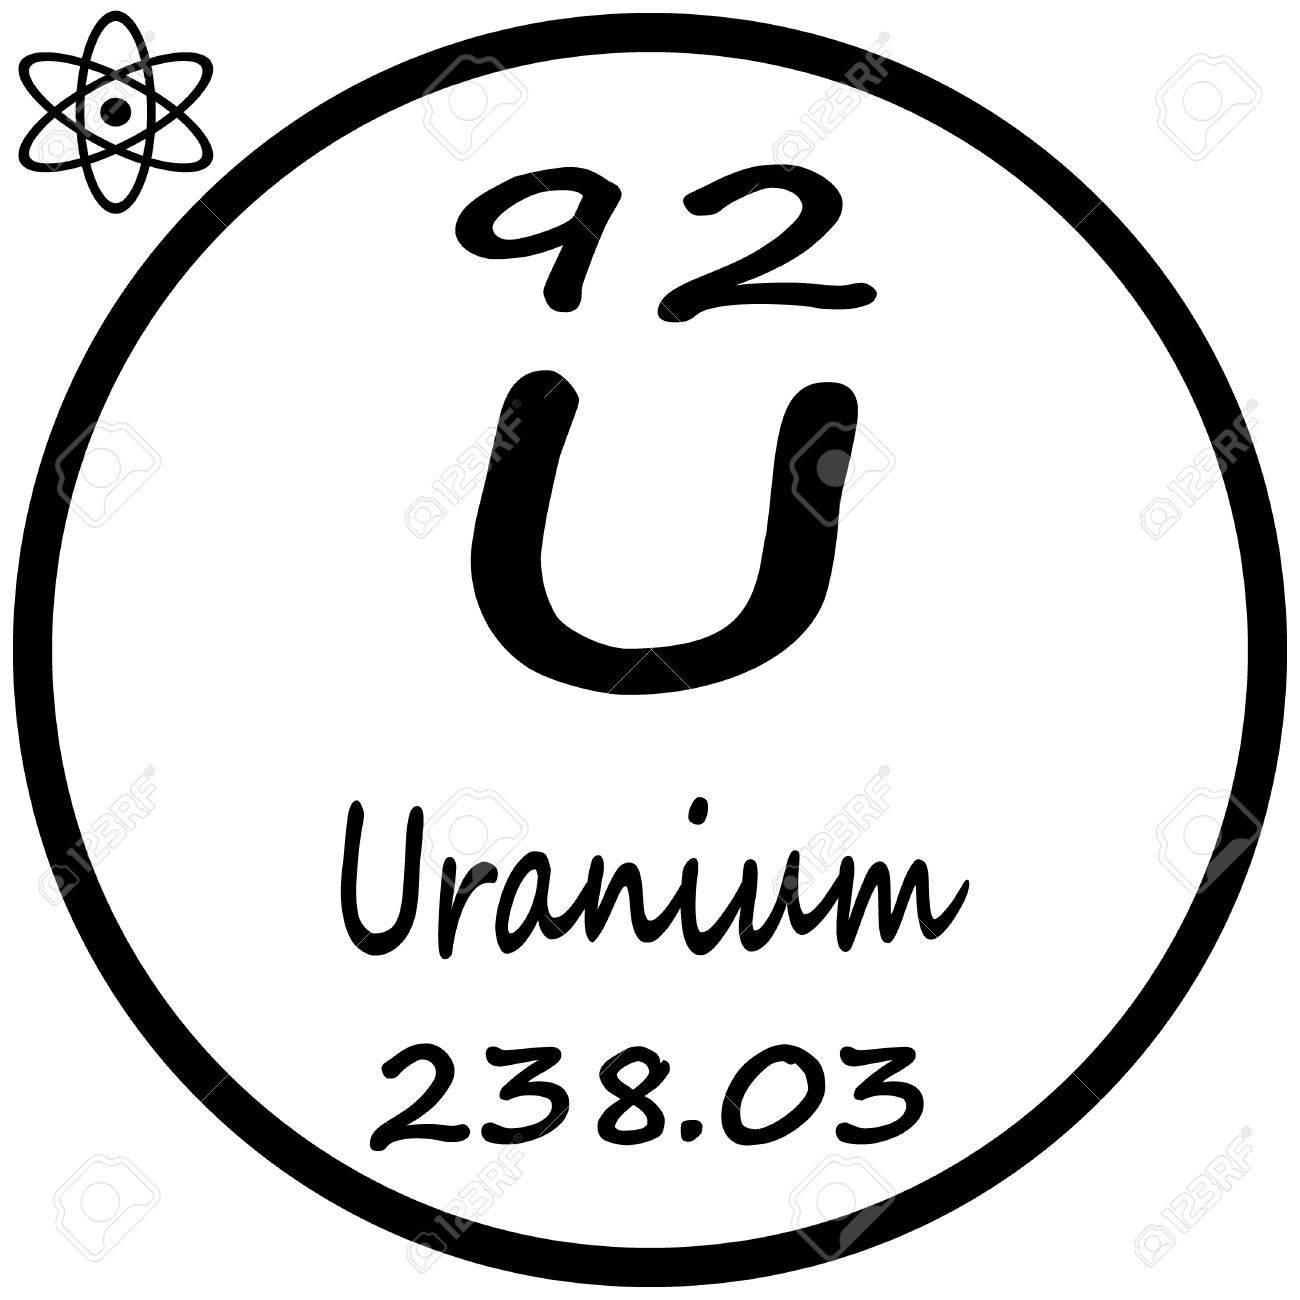 periodic table of elements uranium stock vector 53482679 - Periodic Table Of Elements Uranium